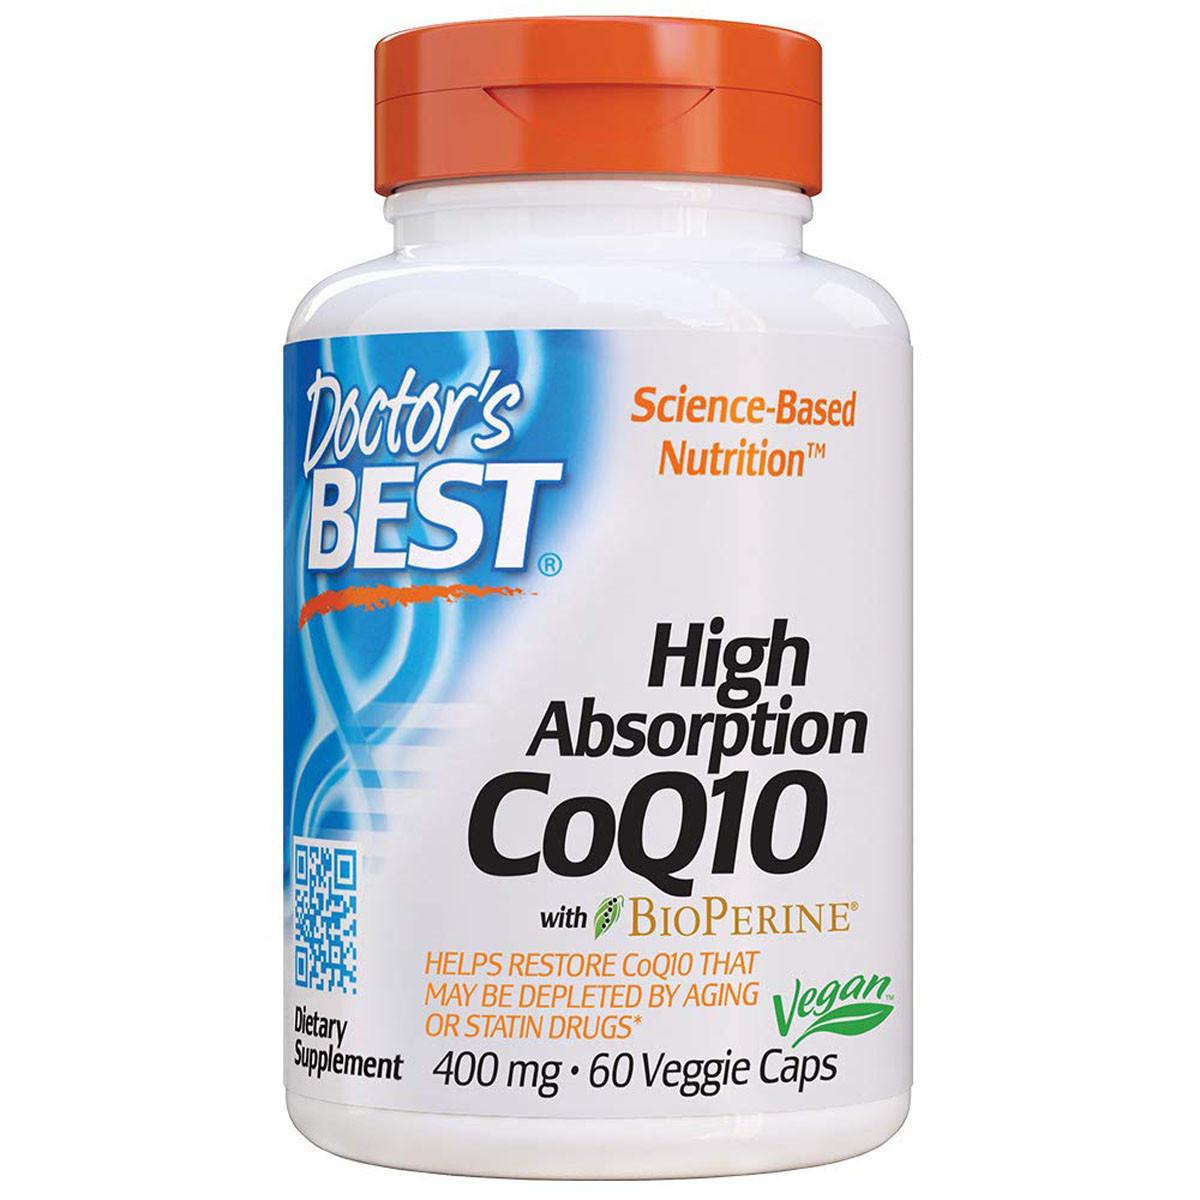 Коэнзим Q10 Высокой Абсорбации  400 мг, BioPerine, Doctor's Best, 60 желатиновых капсул